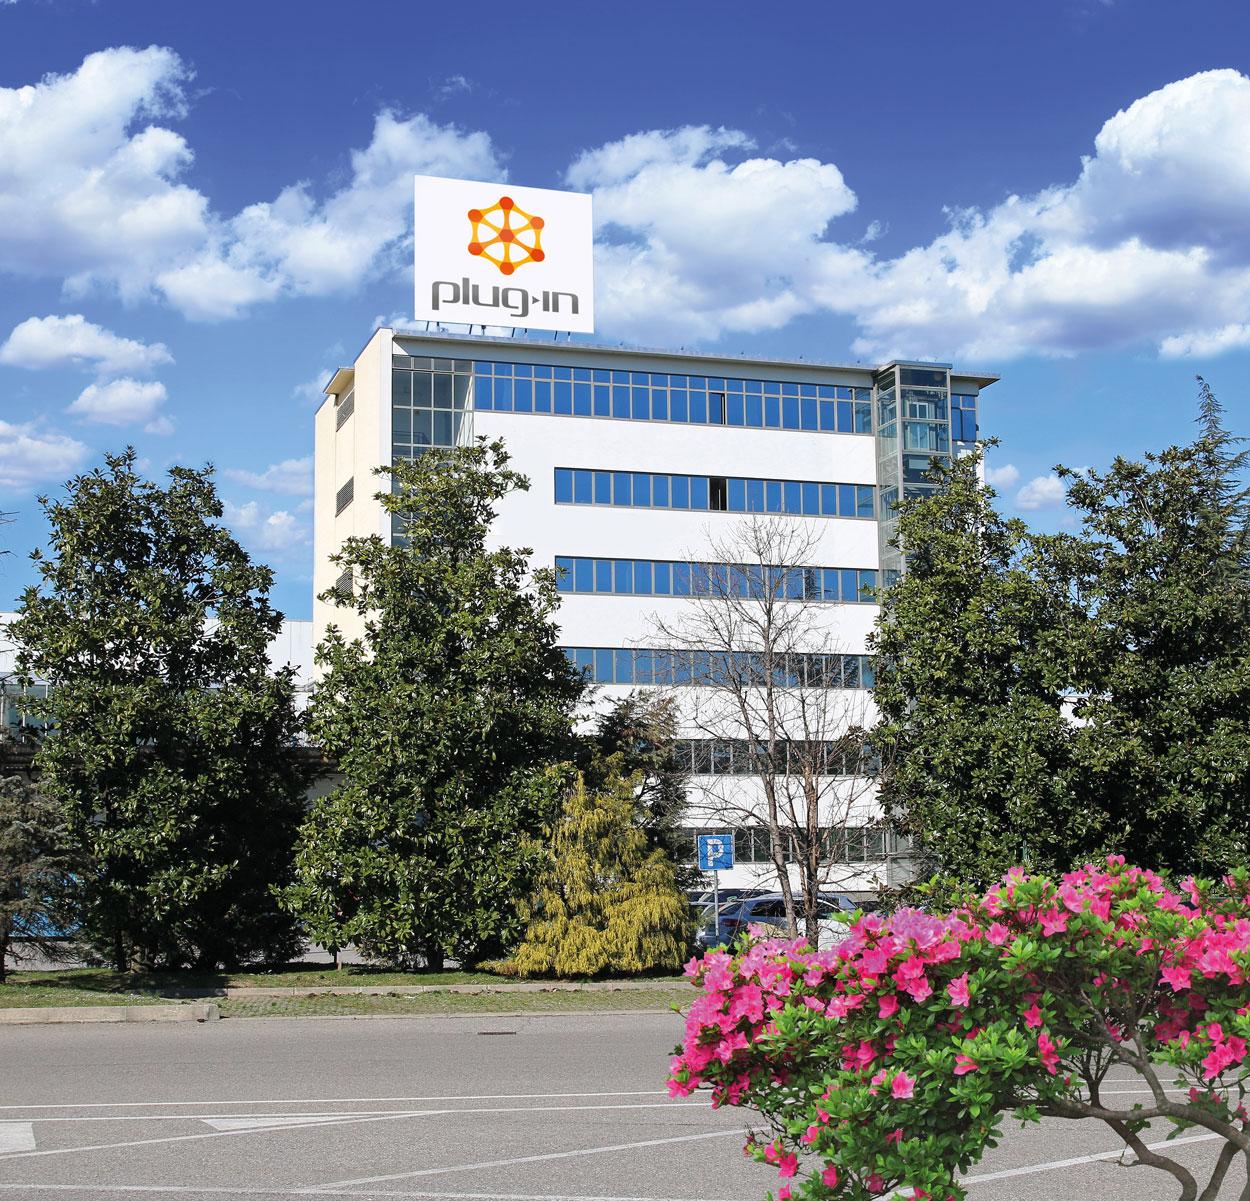 Plug-in Srl Headquarters